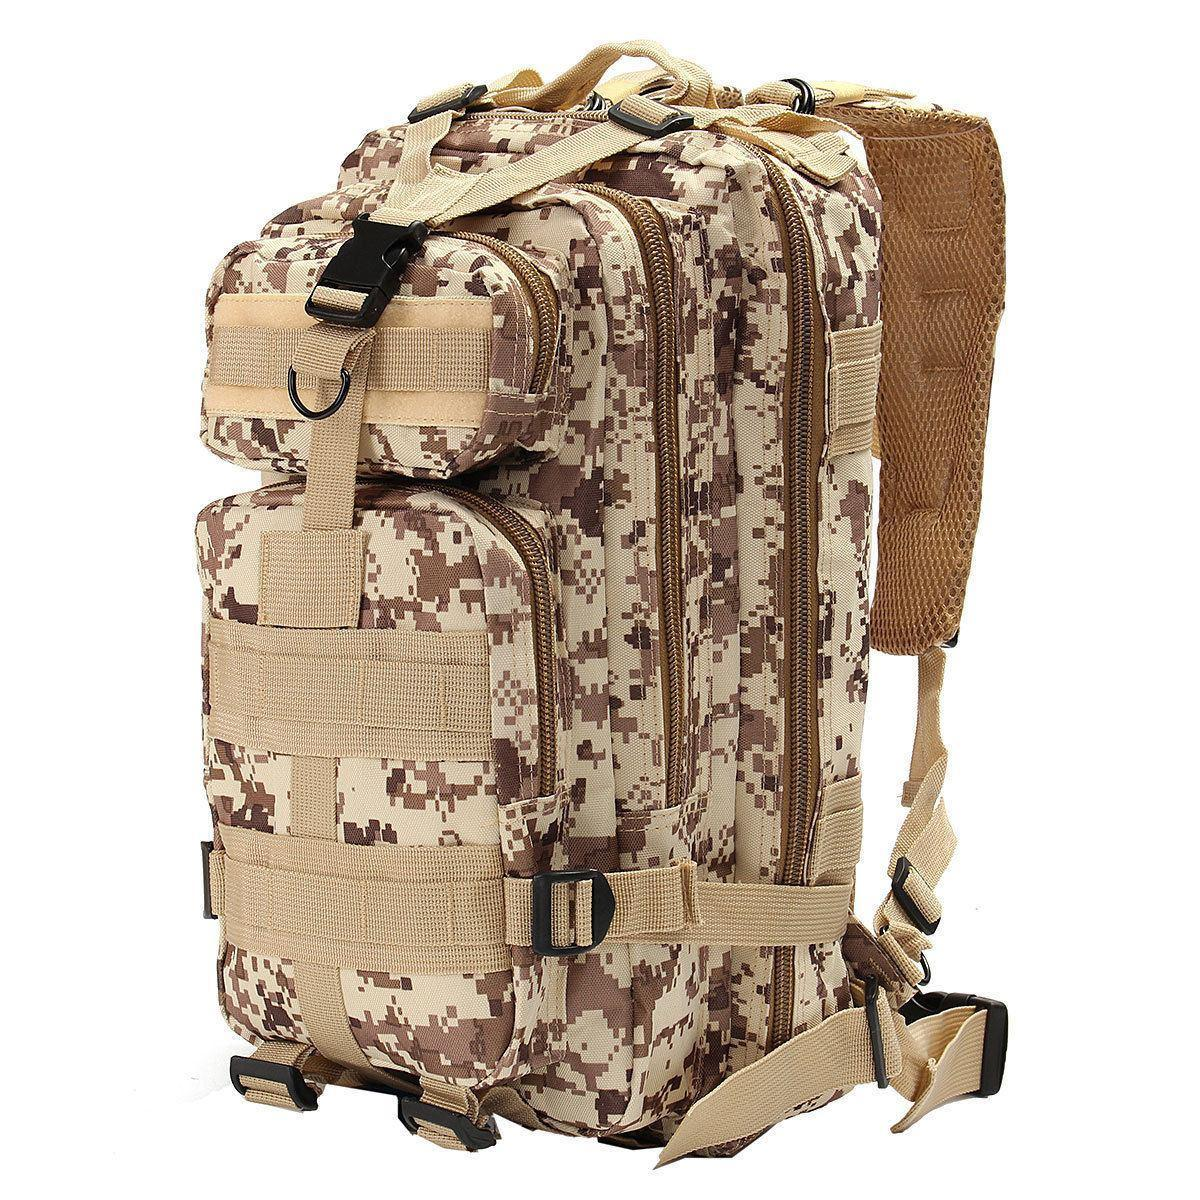 Тактический, походный рюкзак Military. 25 L Камуфляжный, пиксель, милитари.